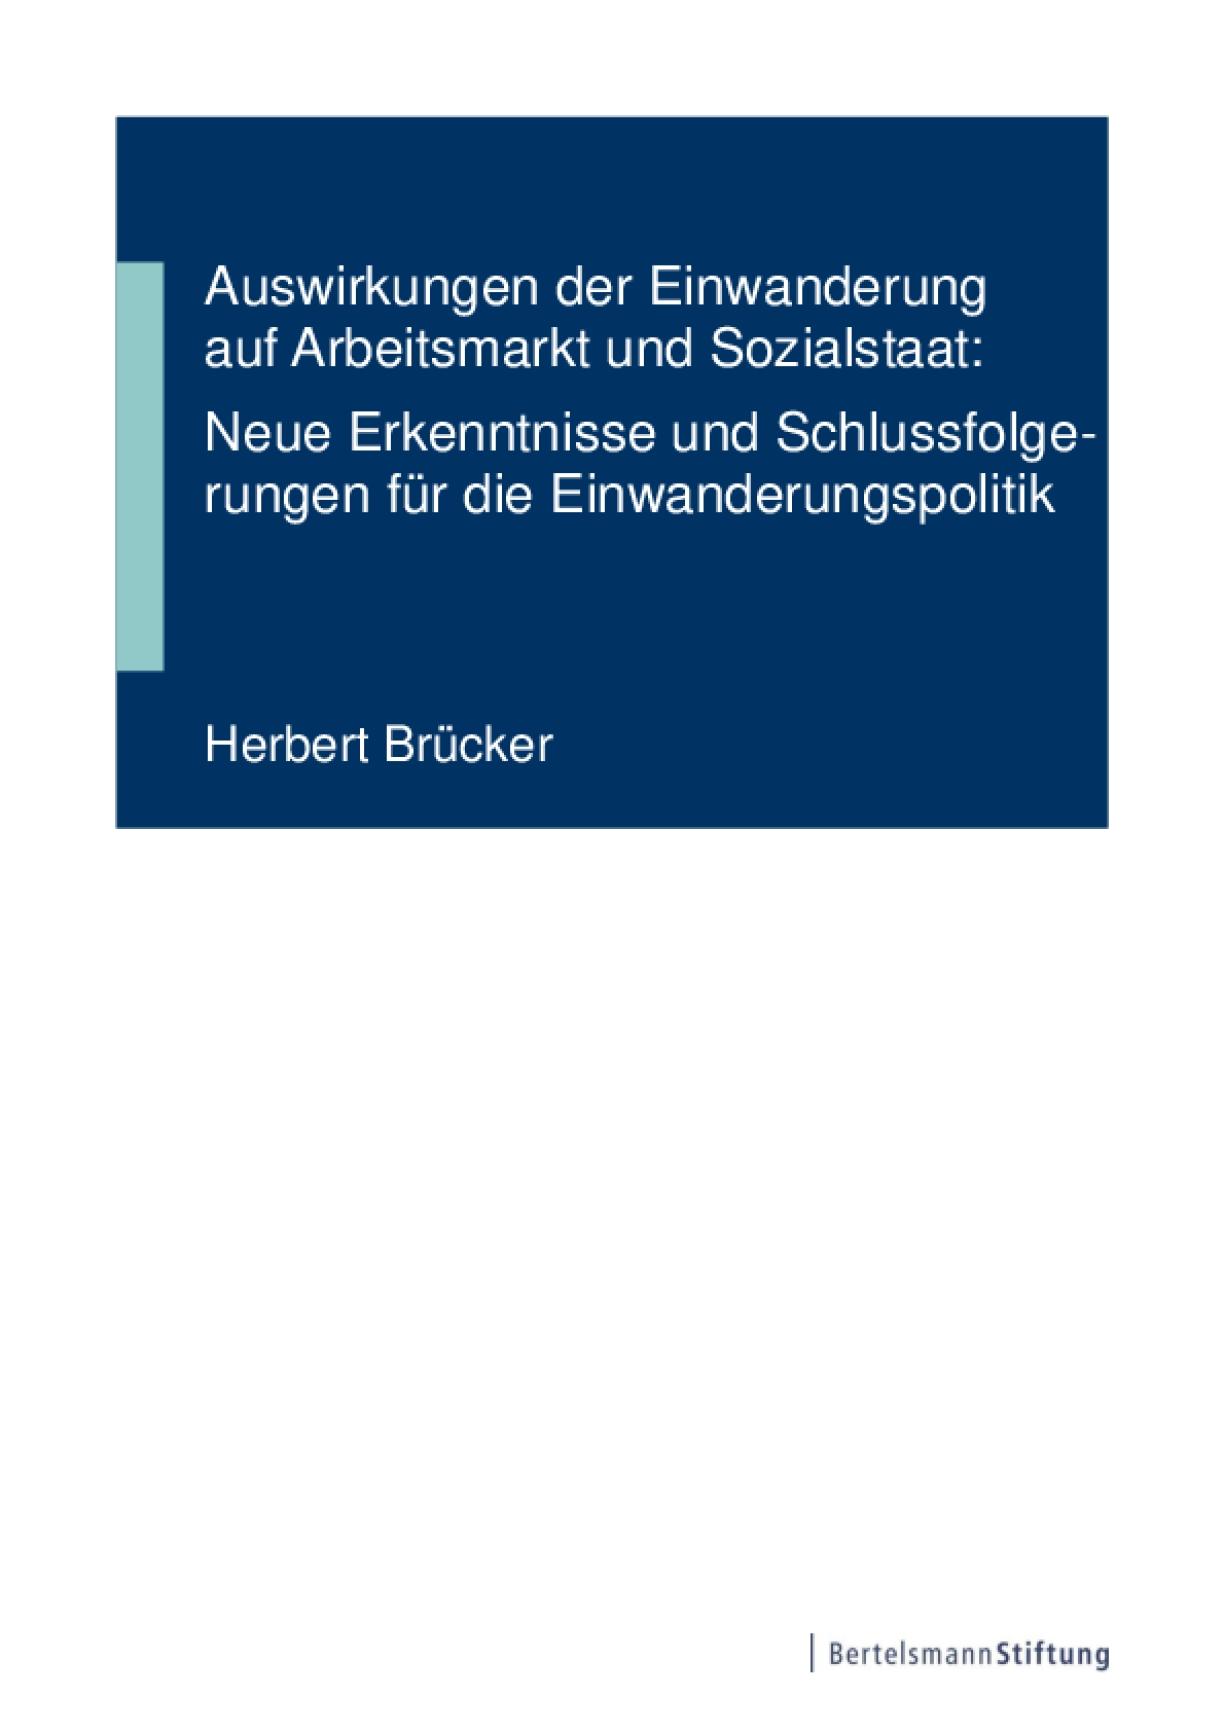 Auswirkungen der Einwanderung auf Arbeitsmarkt und Sozialstaat: Neue Erkenntnisse und Schlussfolge-rungen für die Einwanderungspolitik